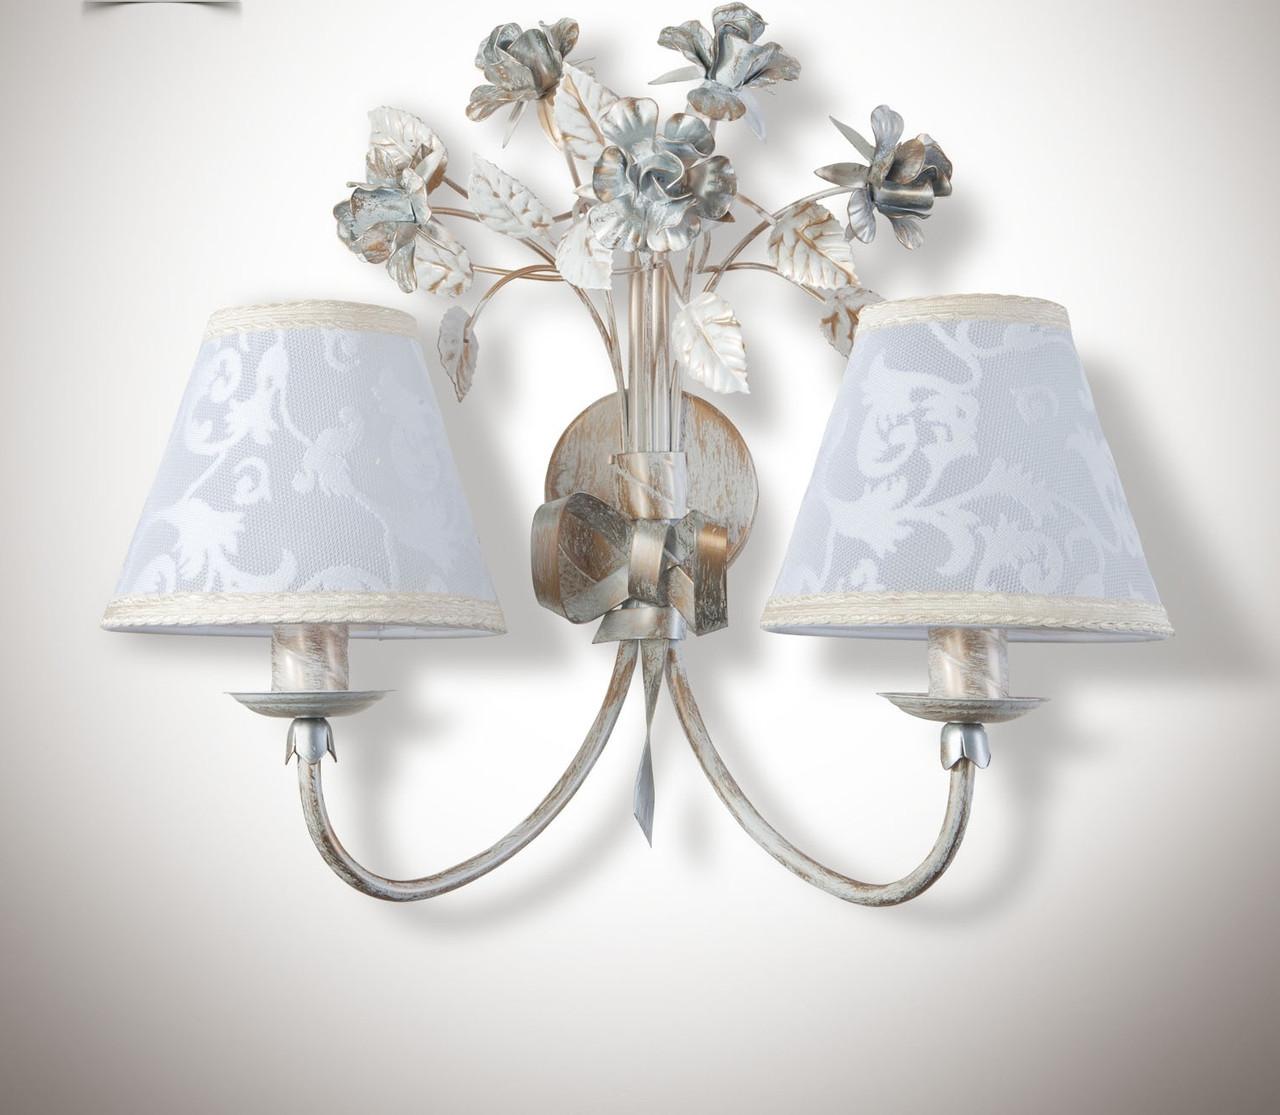 Настенный светильник, бра 2-х ламповое в стиле прованс 6402-2